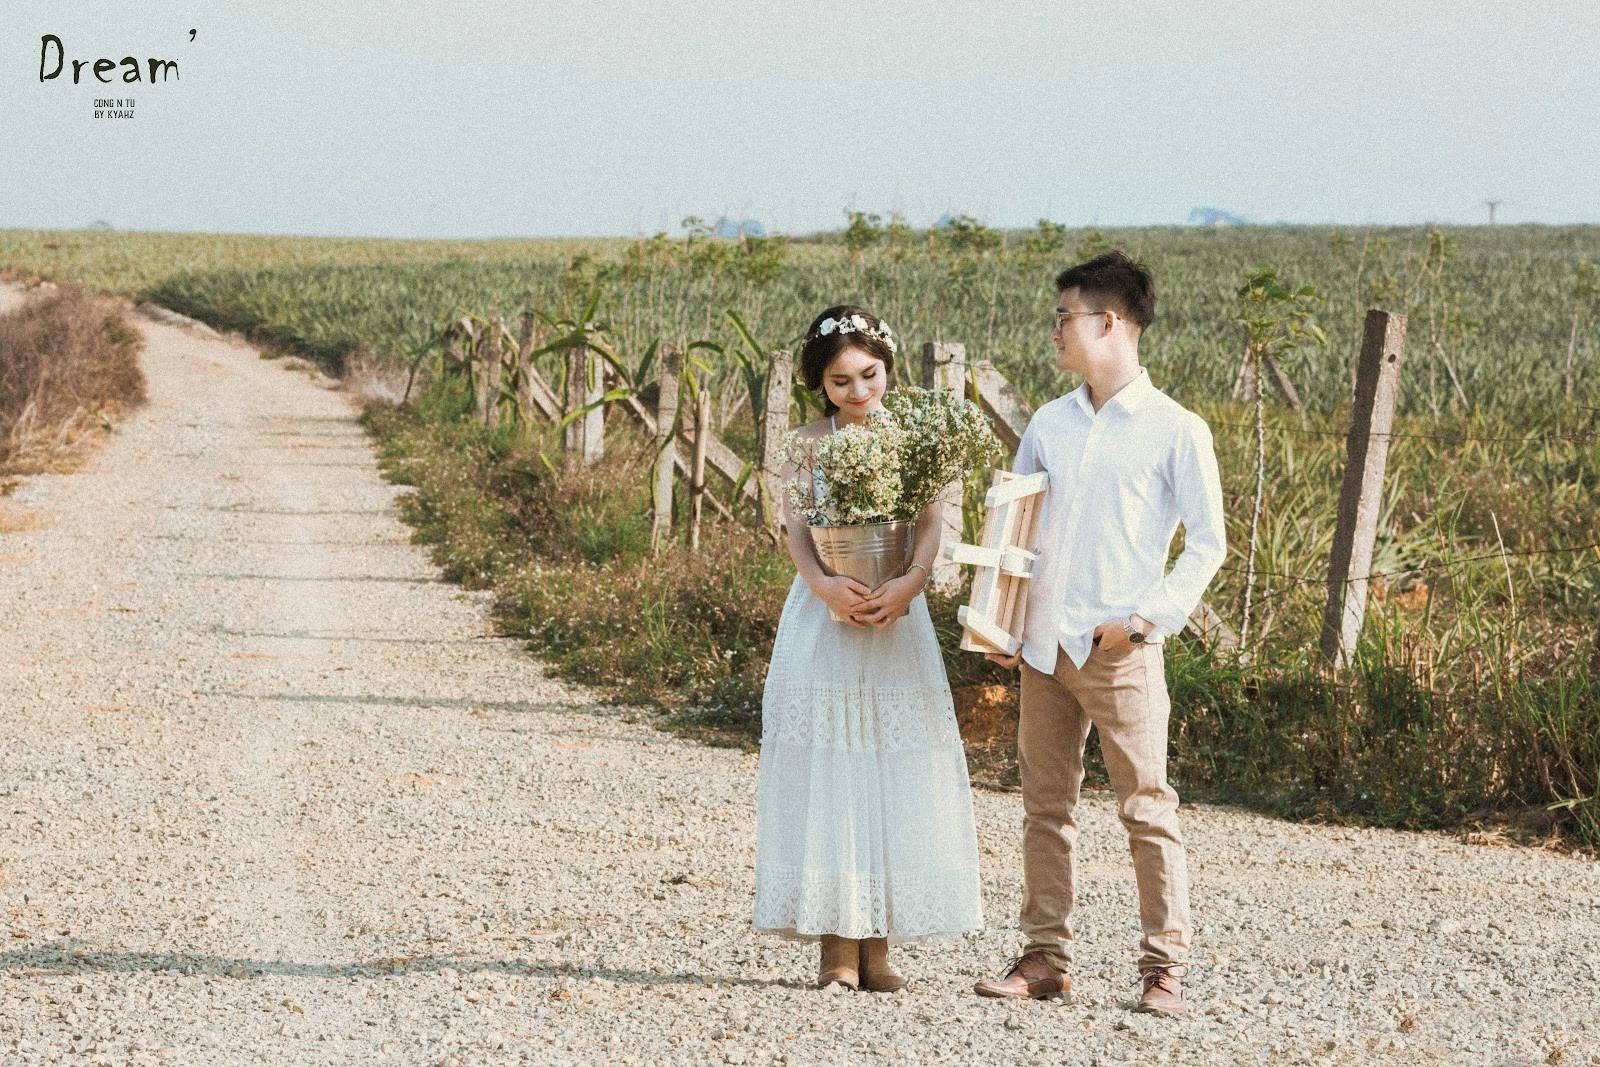 """Dân tình phát sốt với bộ ảnh cưới trong trẻo """"Vẽ giấc mơ tình yêu"""" trên cánh đồng dứa Ninh Bình - Ảnh 7."""